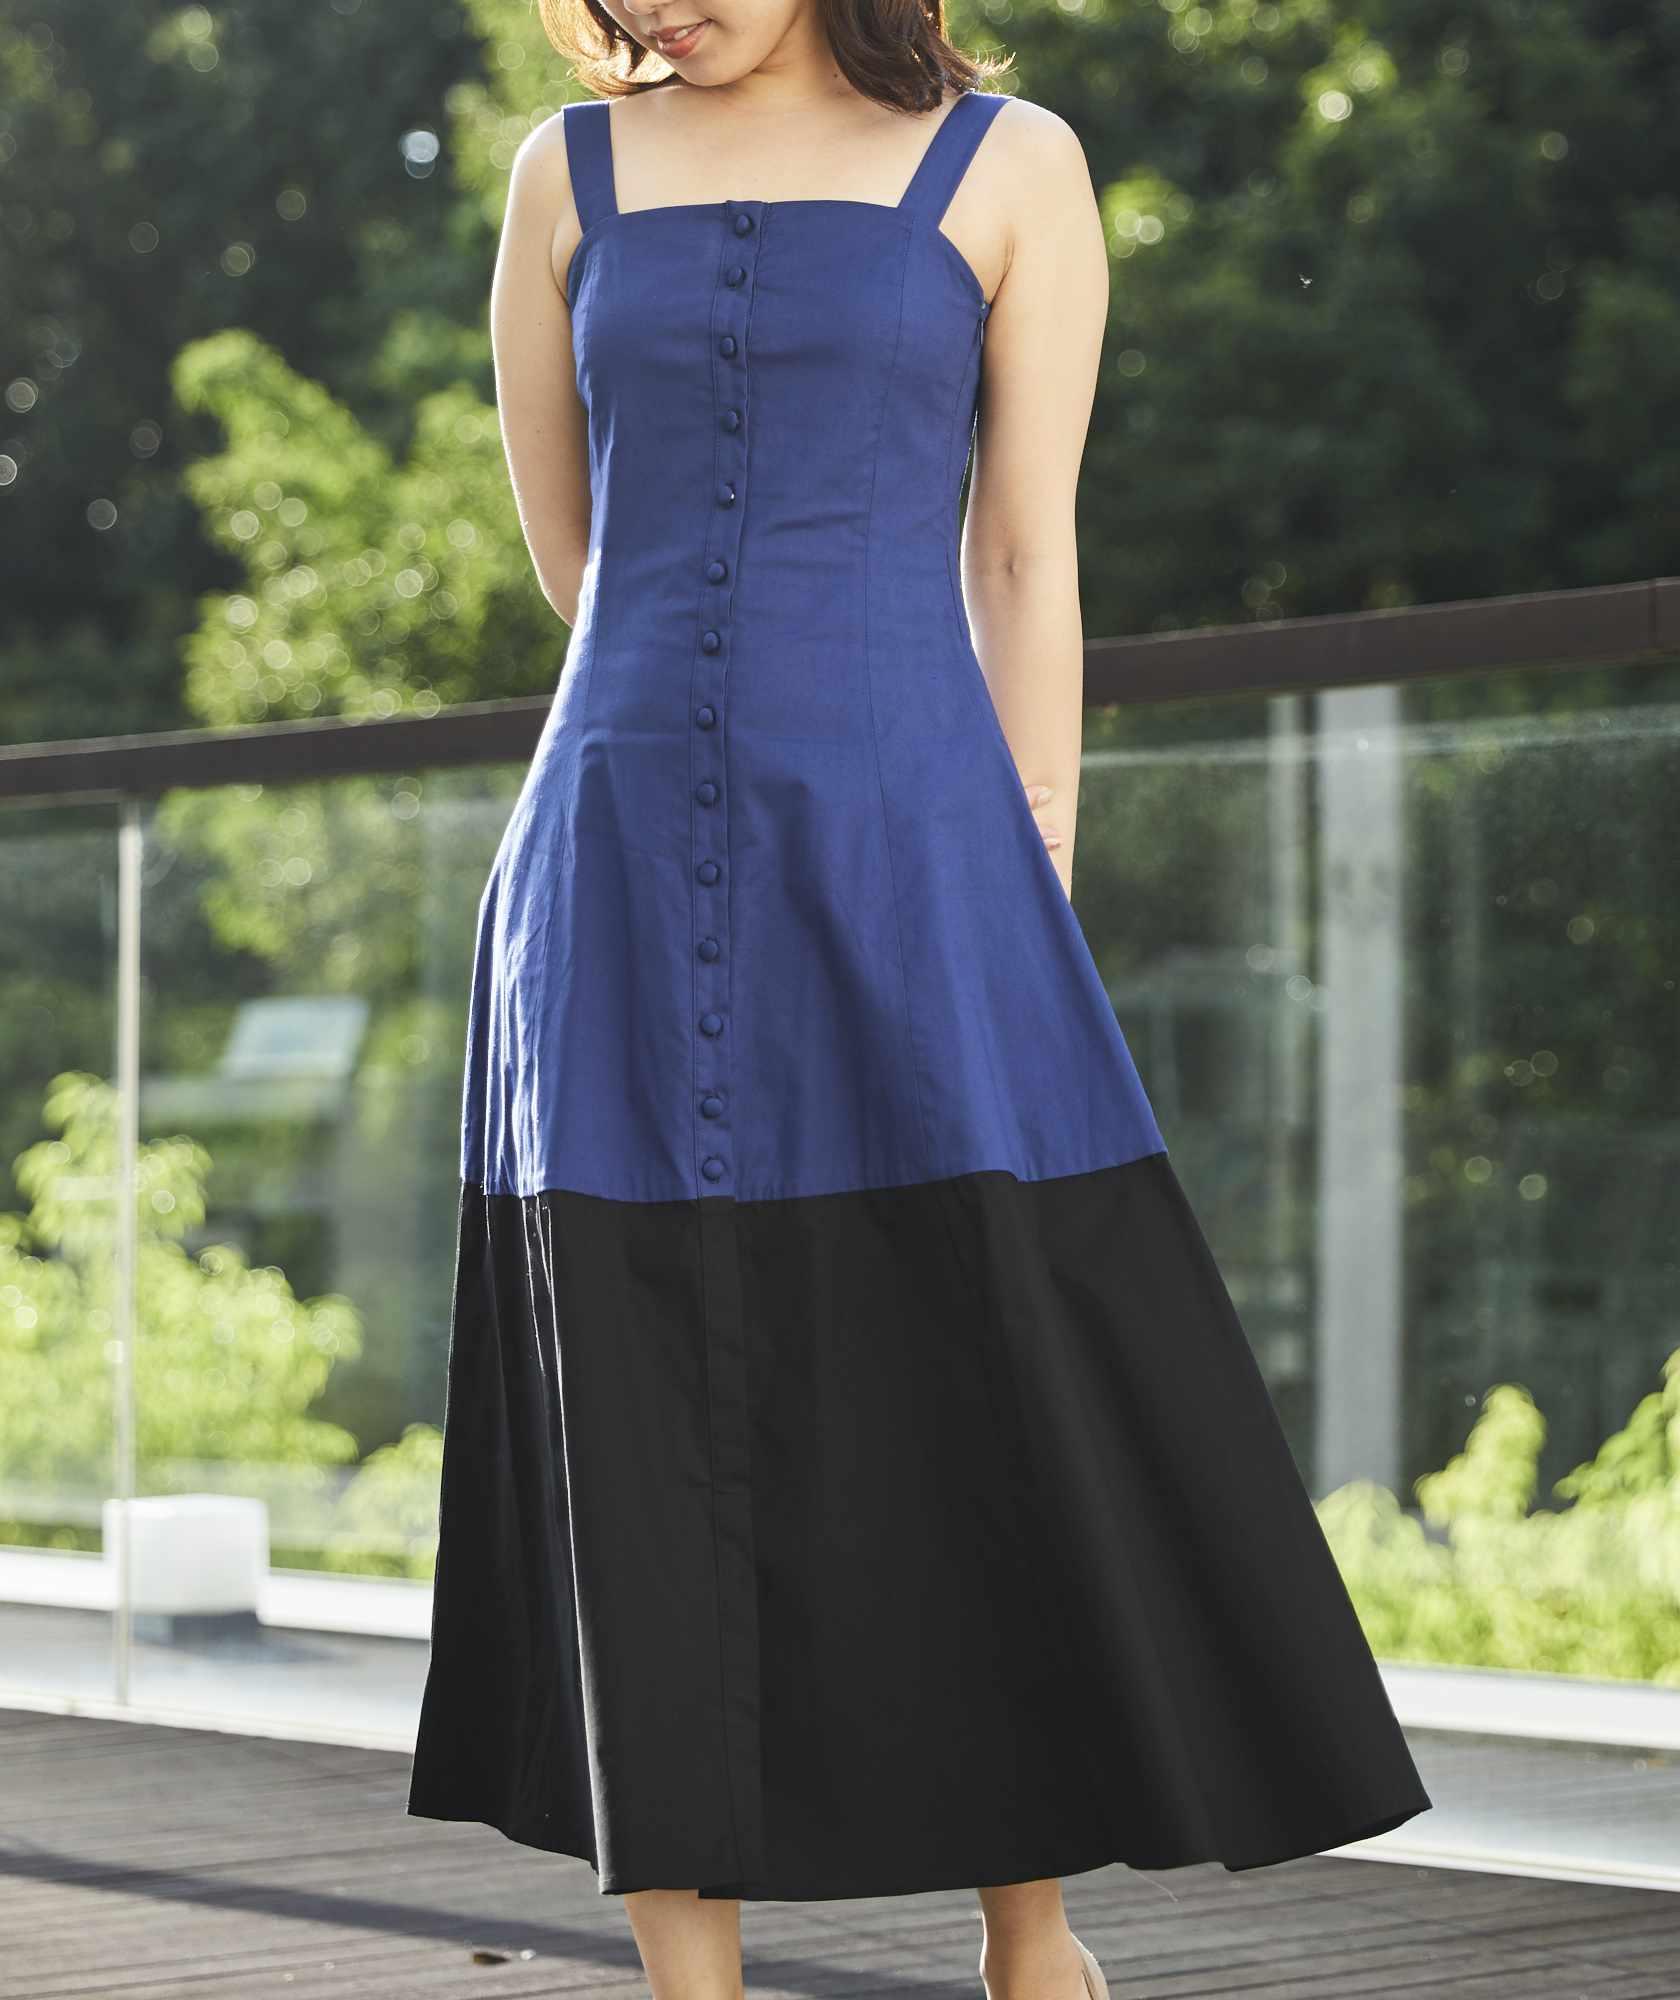 コットンキャミソールバイカラーミディアムドレス-ネイビー-S-M